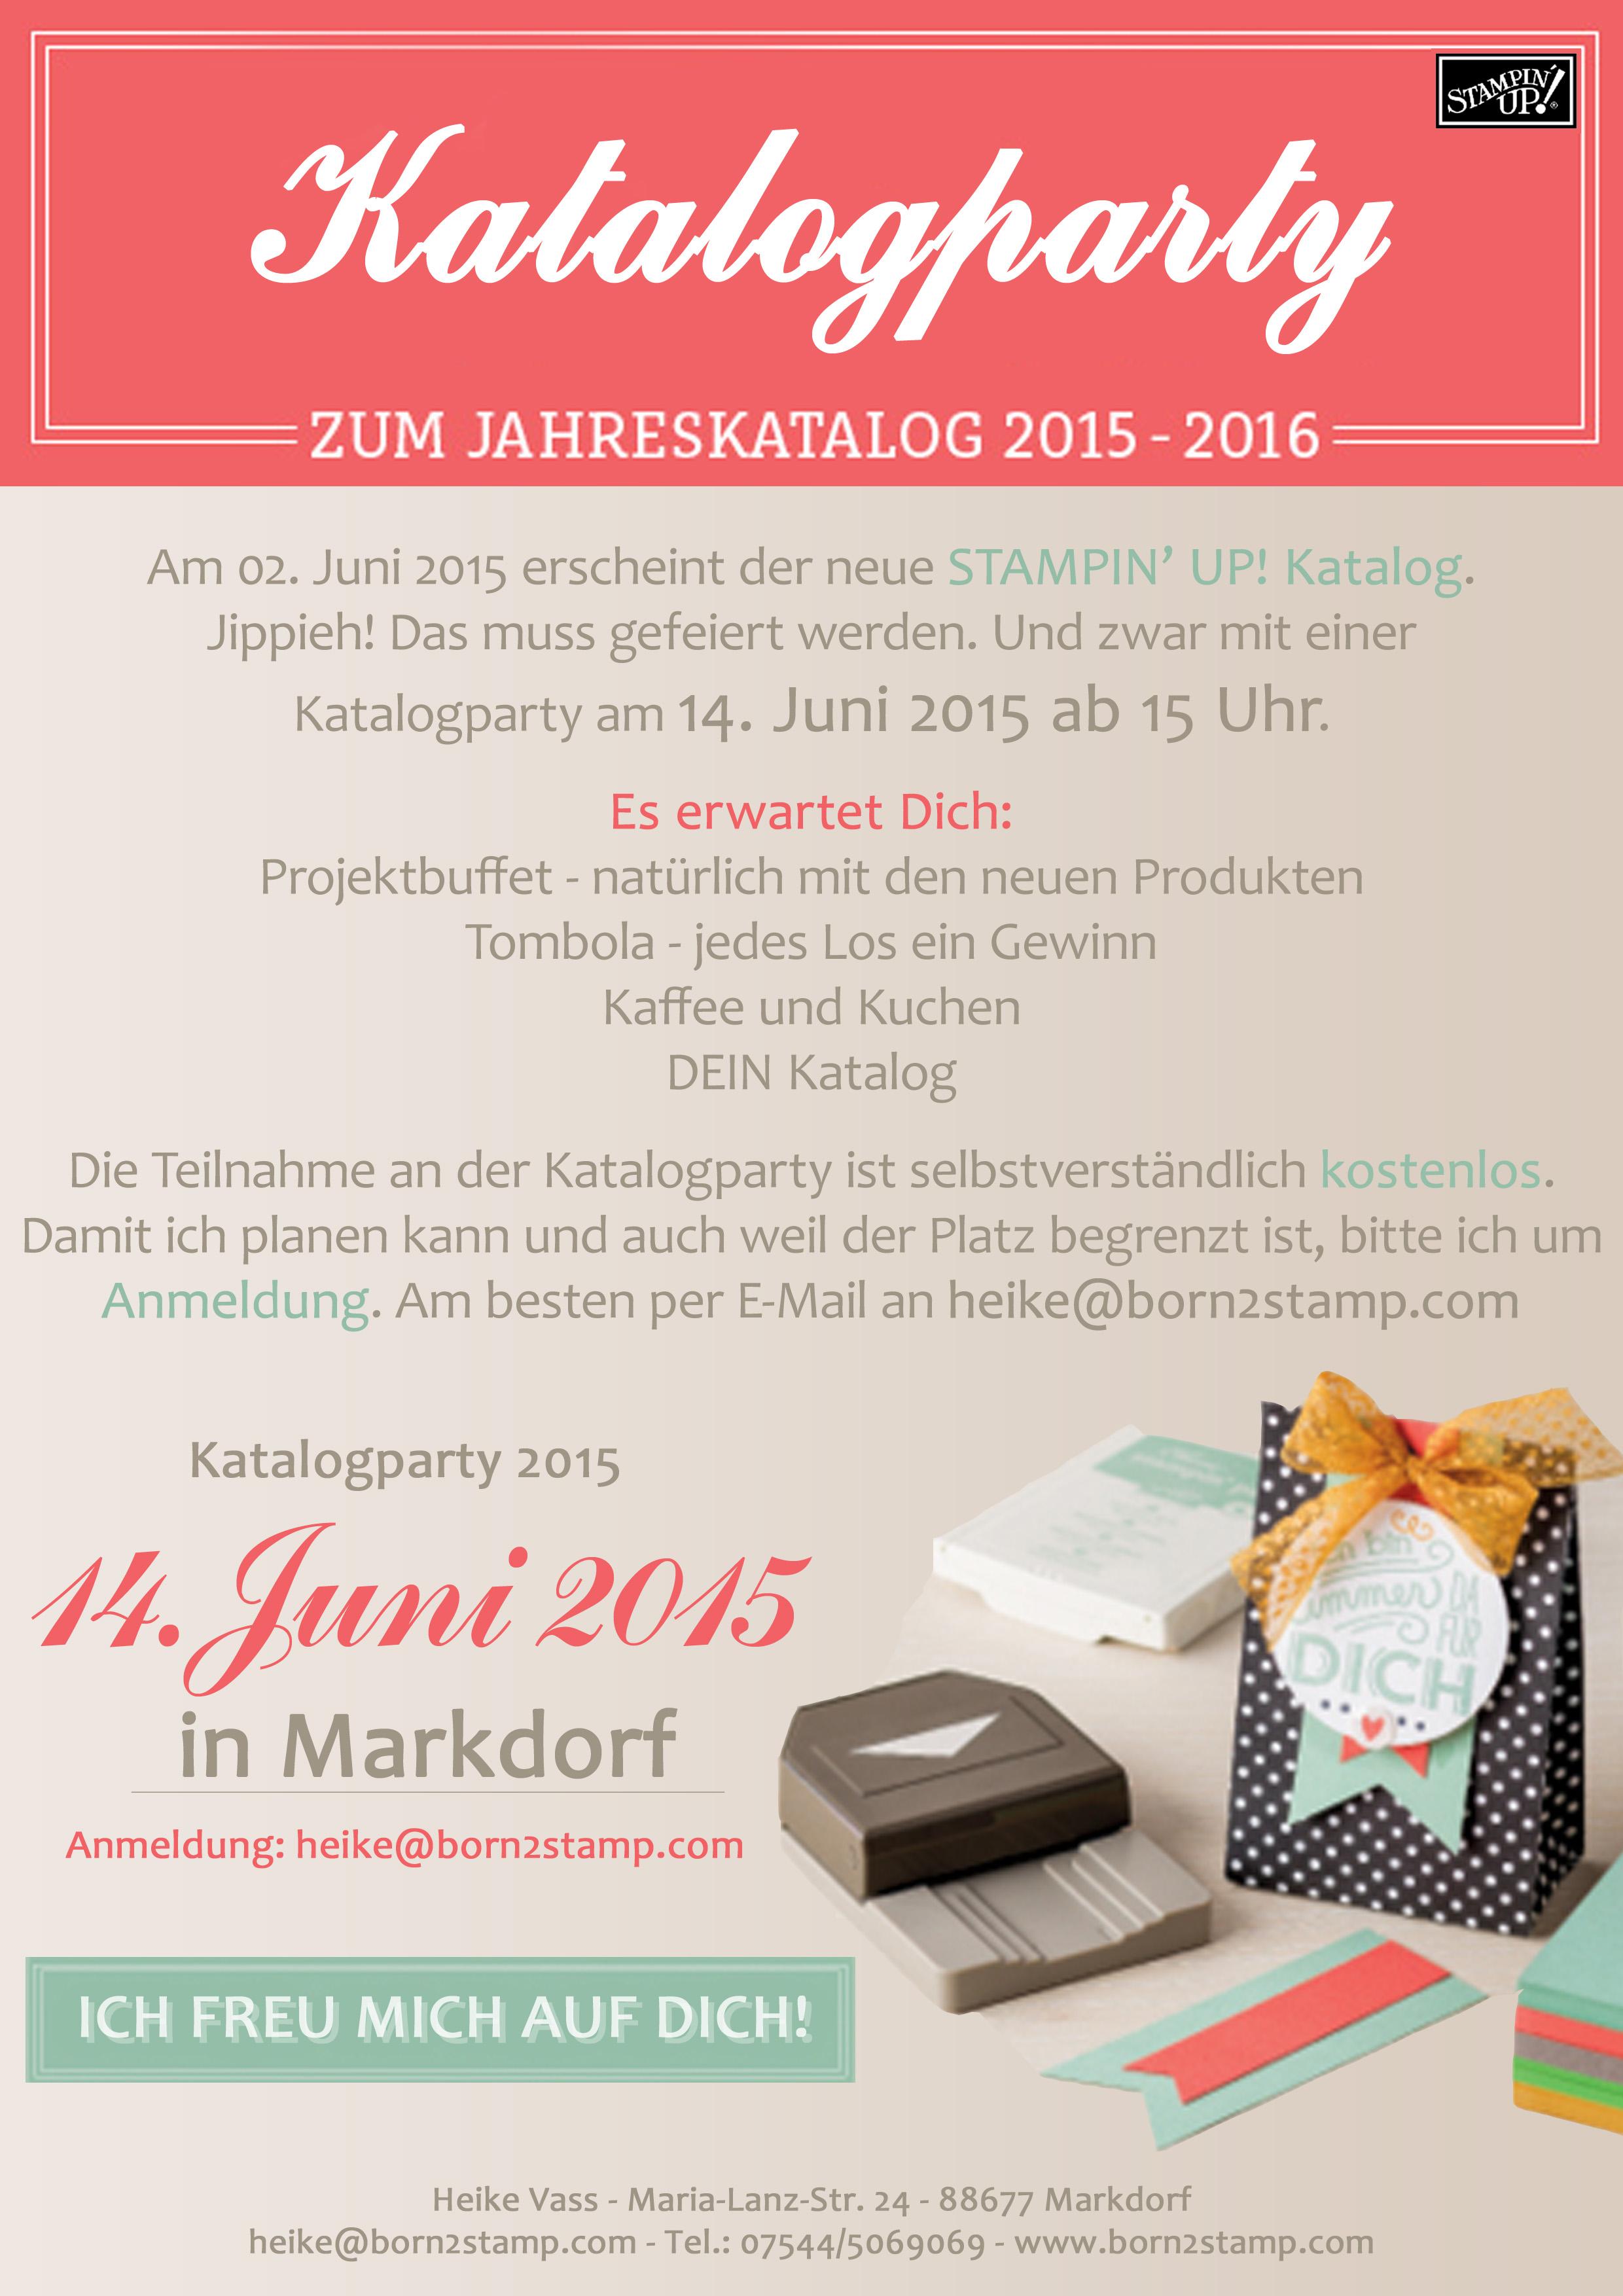 Katalogparty 2015